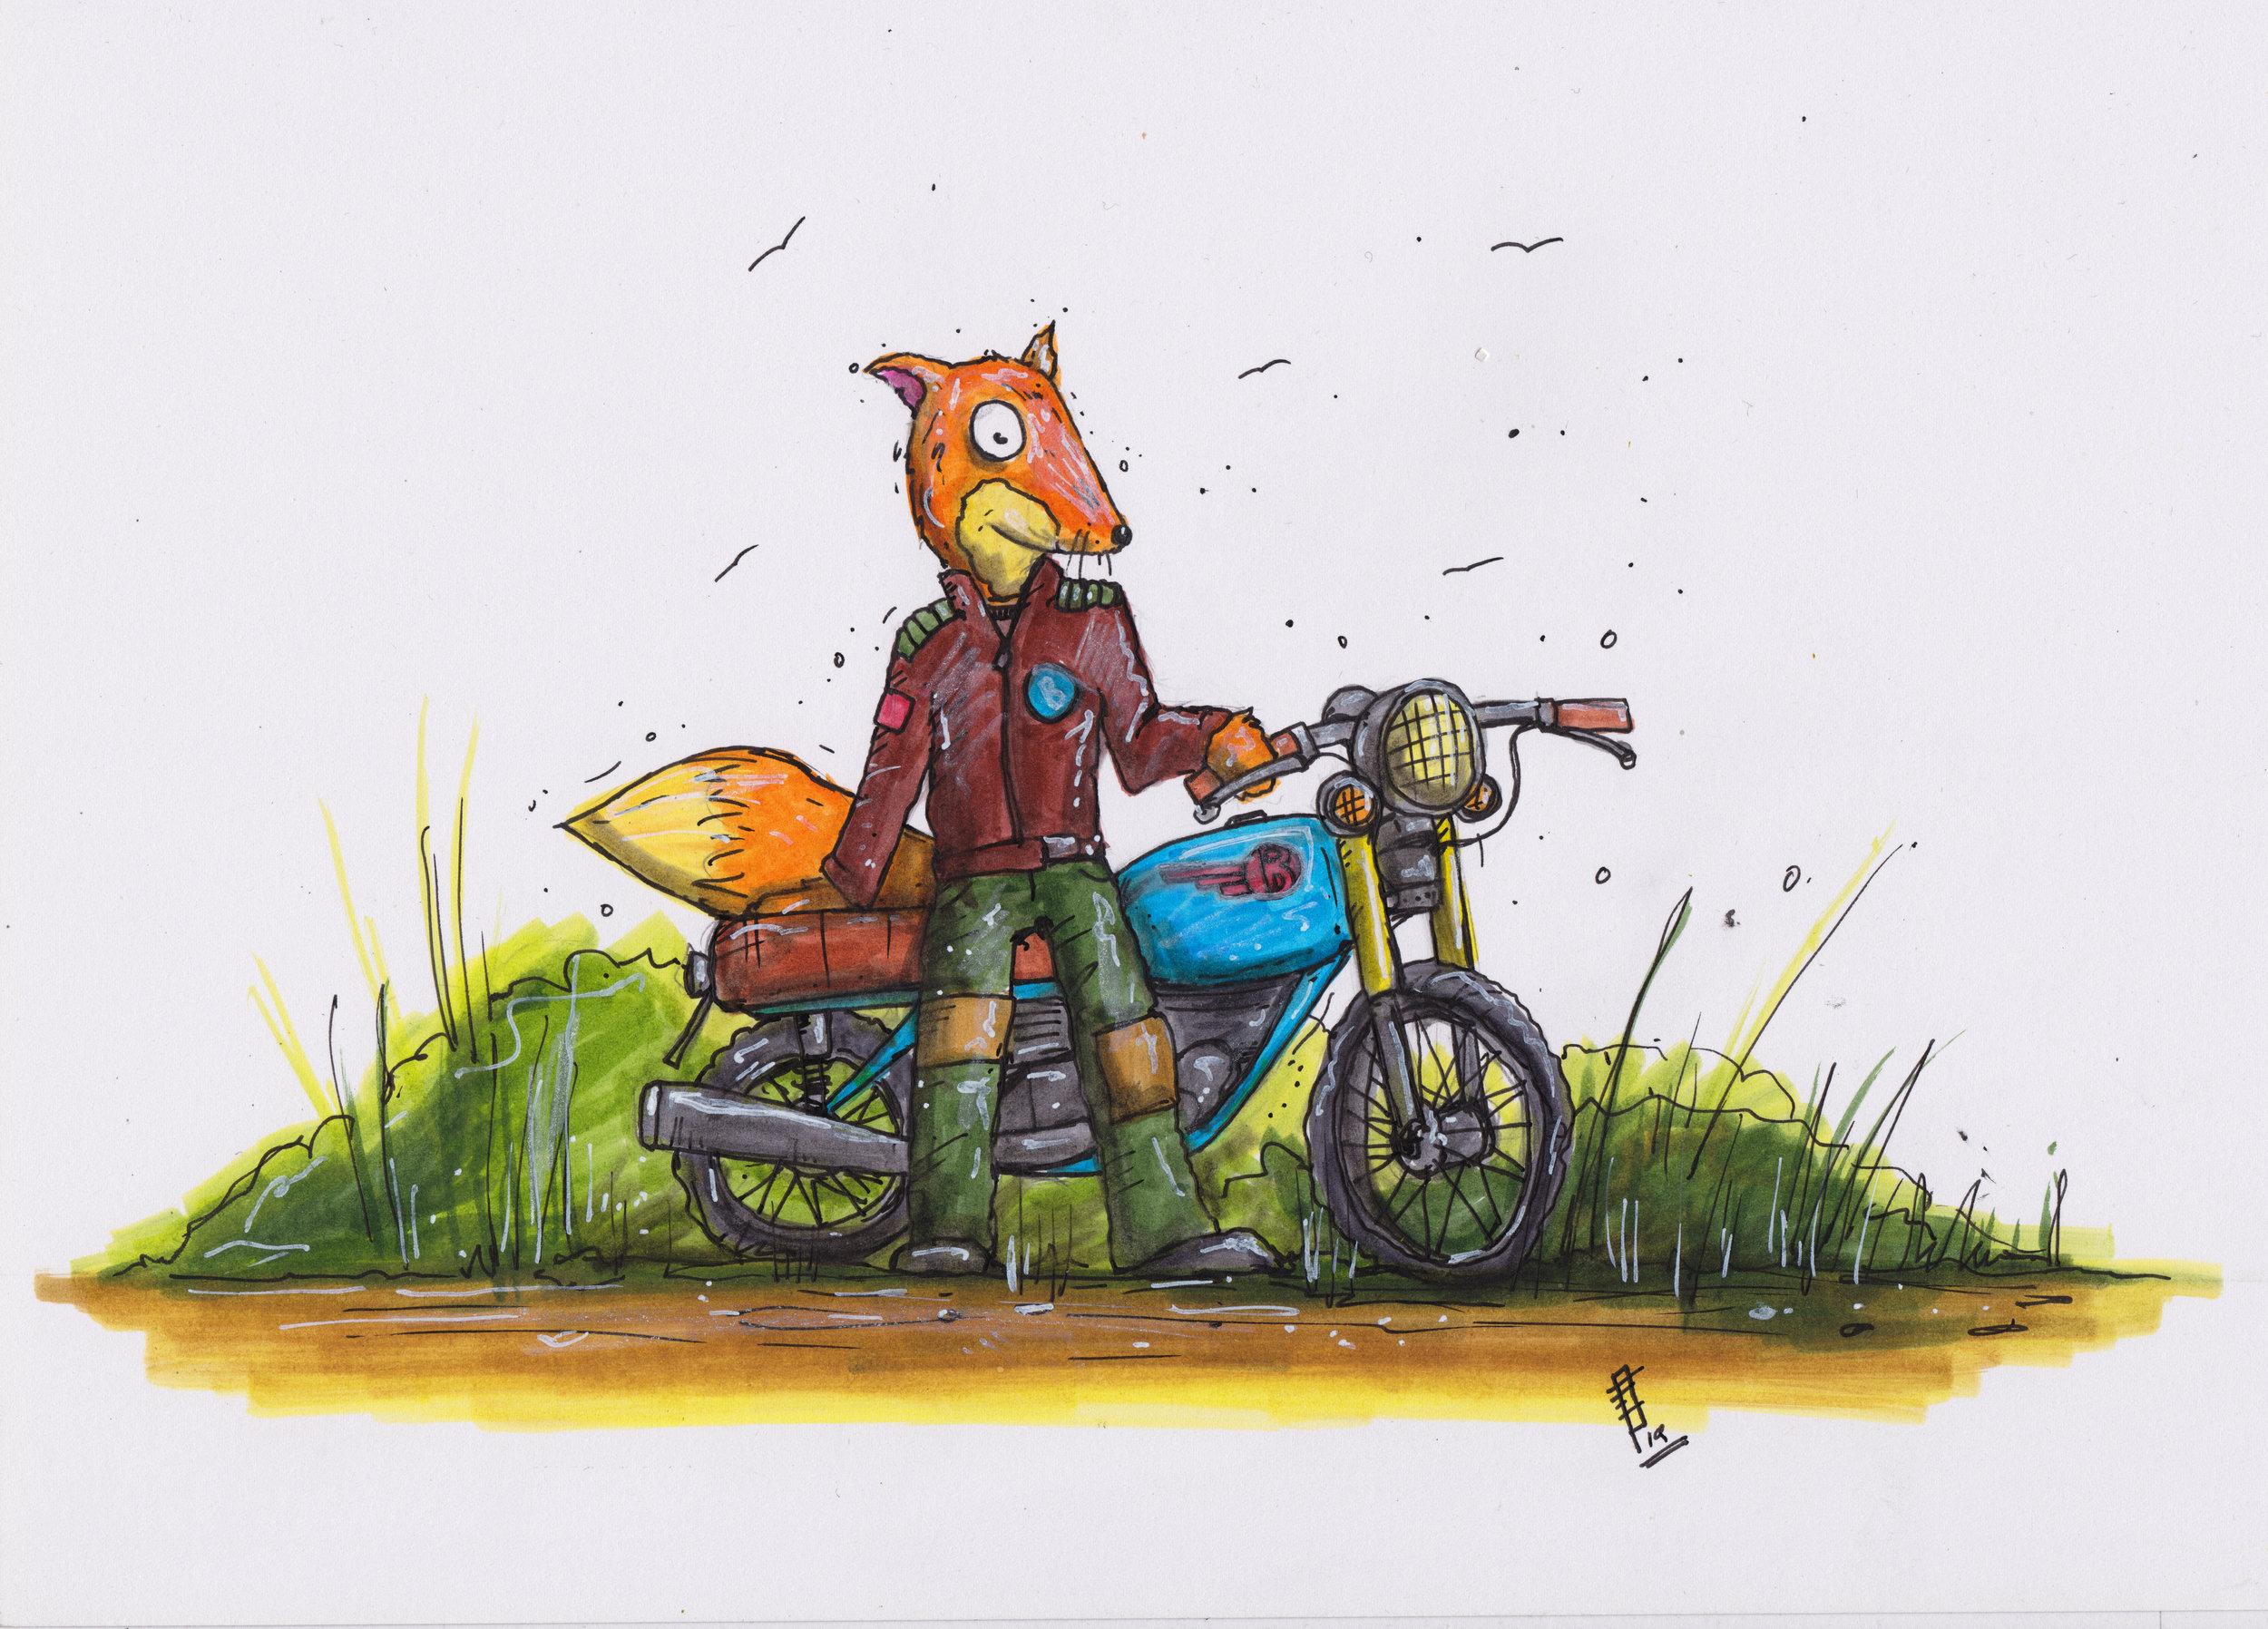 foxAndBike.jpg